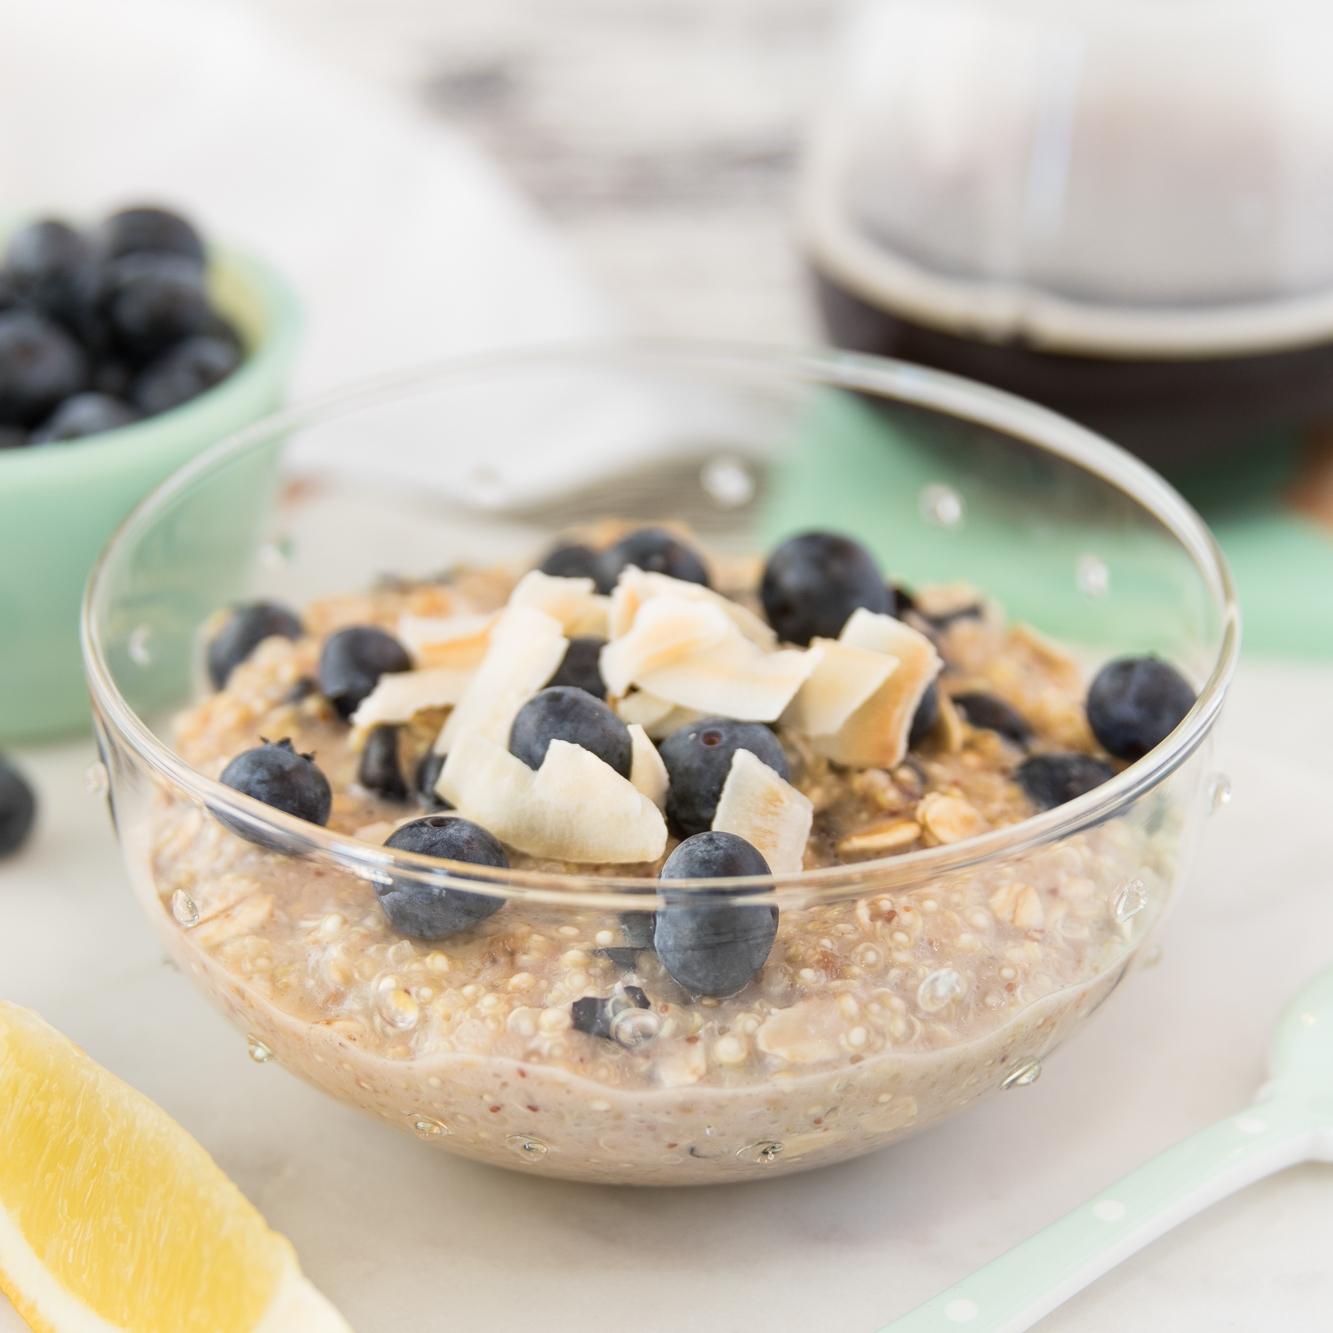 Bol de quinoa au bleuet et citron - Cette recette rapide et délicieuse propose une façon ingénieuse d'intégrer le quinoa à notre routine matinale!